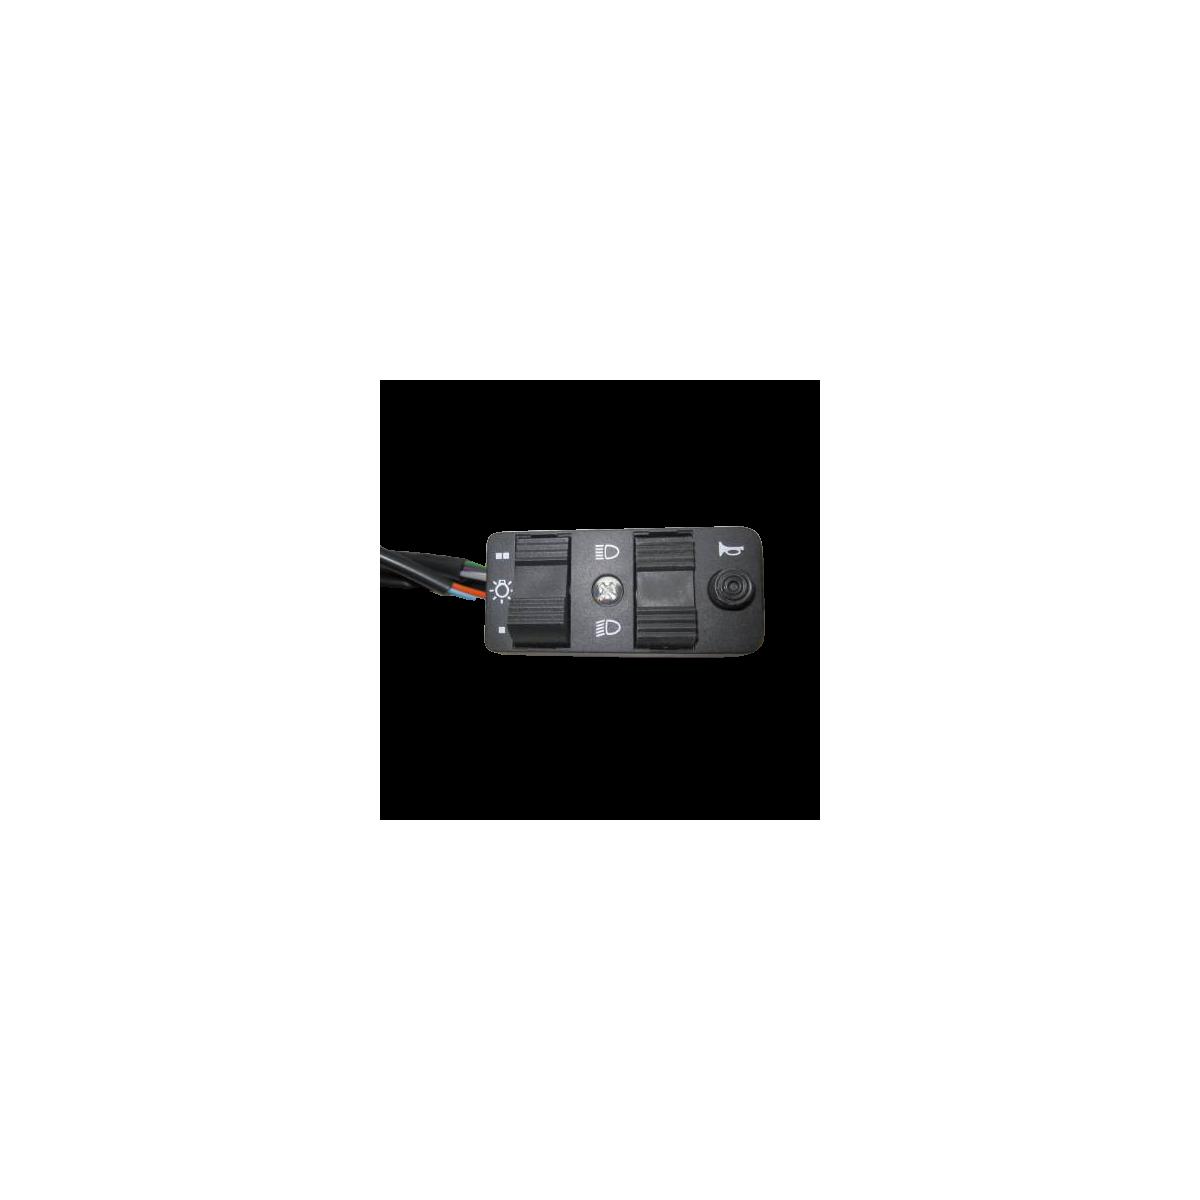 COMMUTATORE LUCI VESPA 150 PX -E VNX2T (R.O.2156685)